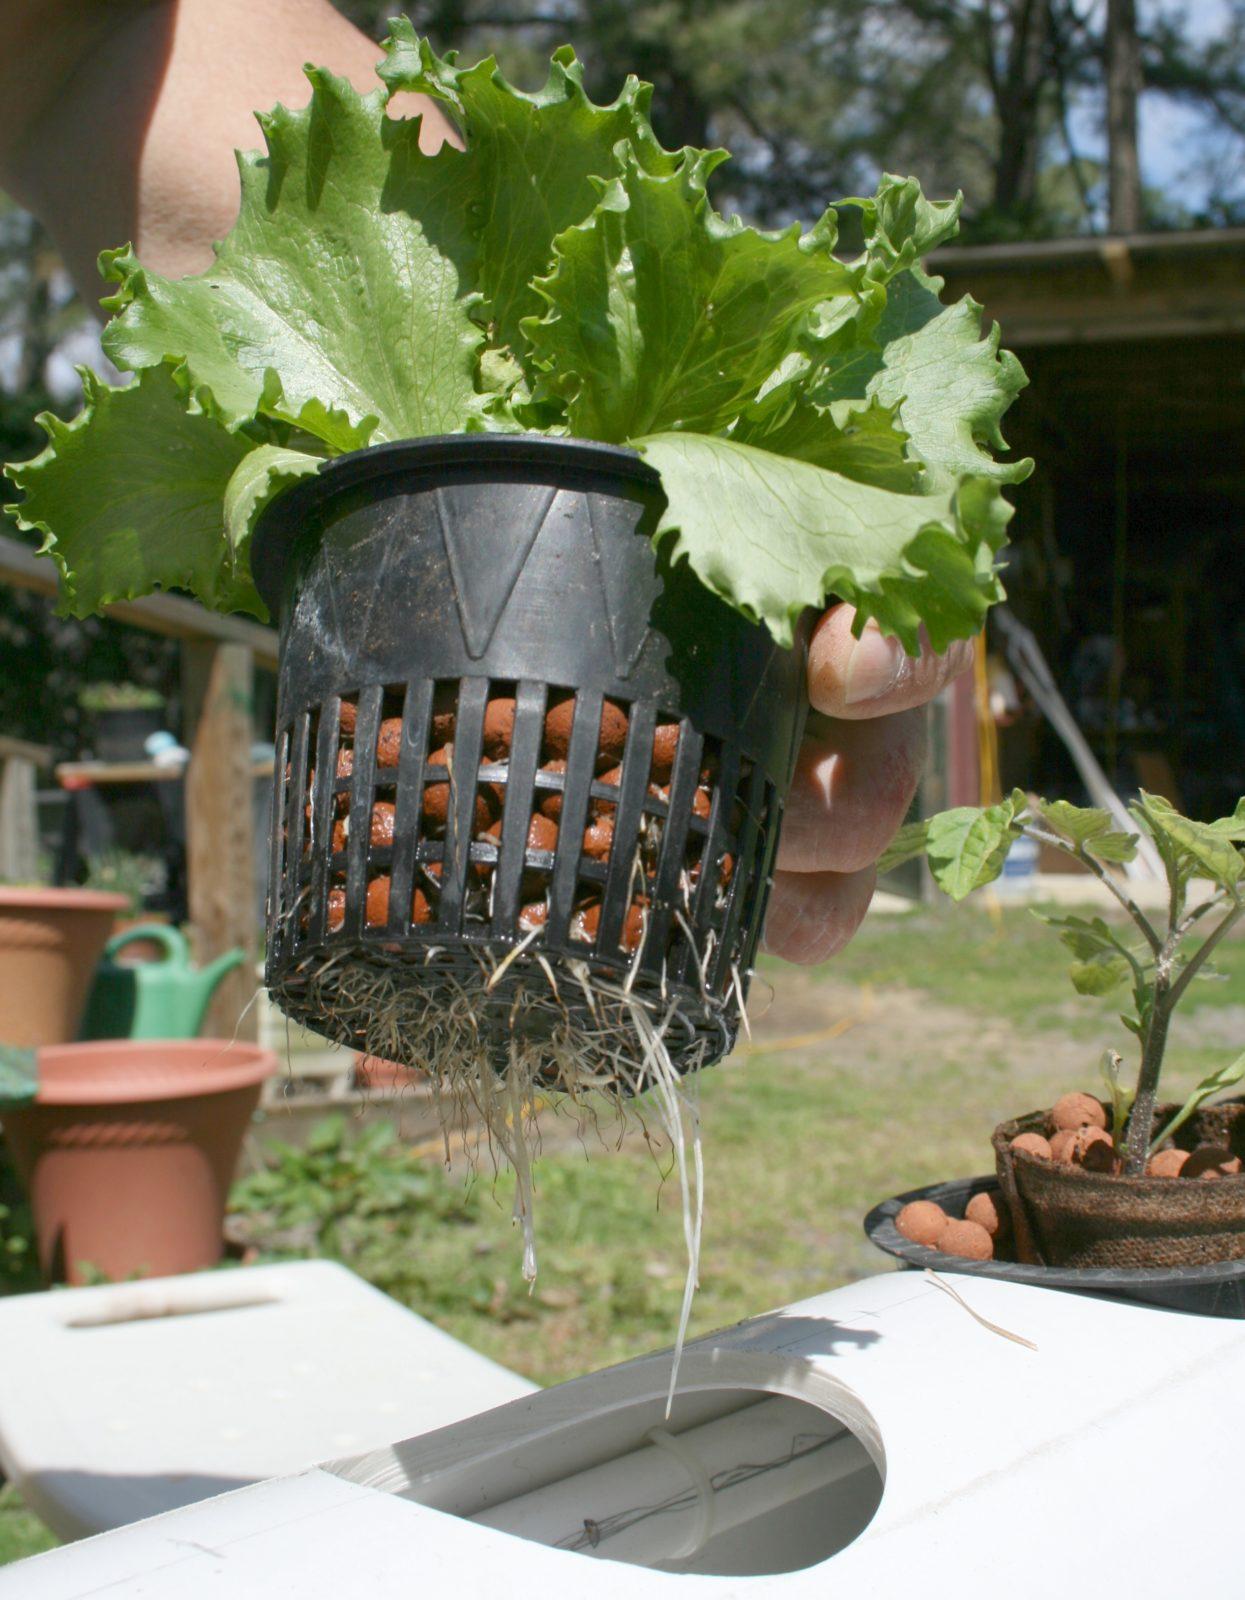 Гидропонная установка для выращивания зелени дома: сборка и 80